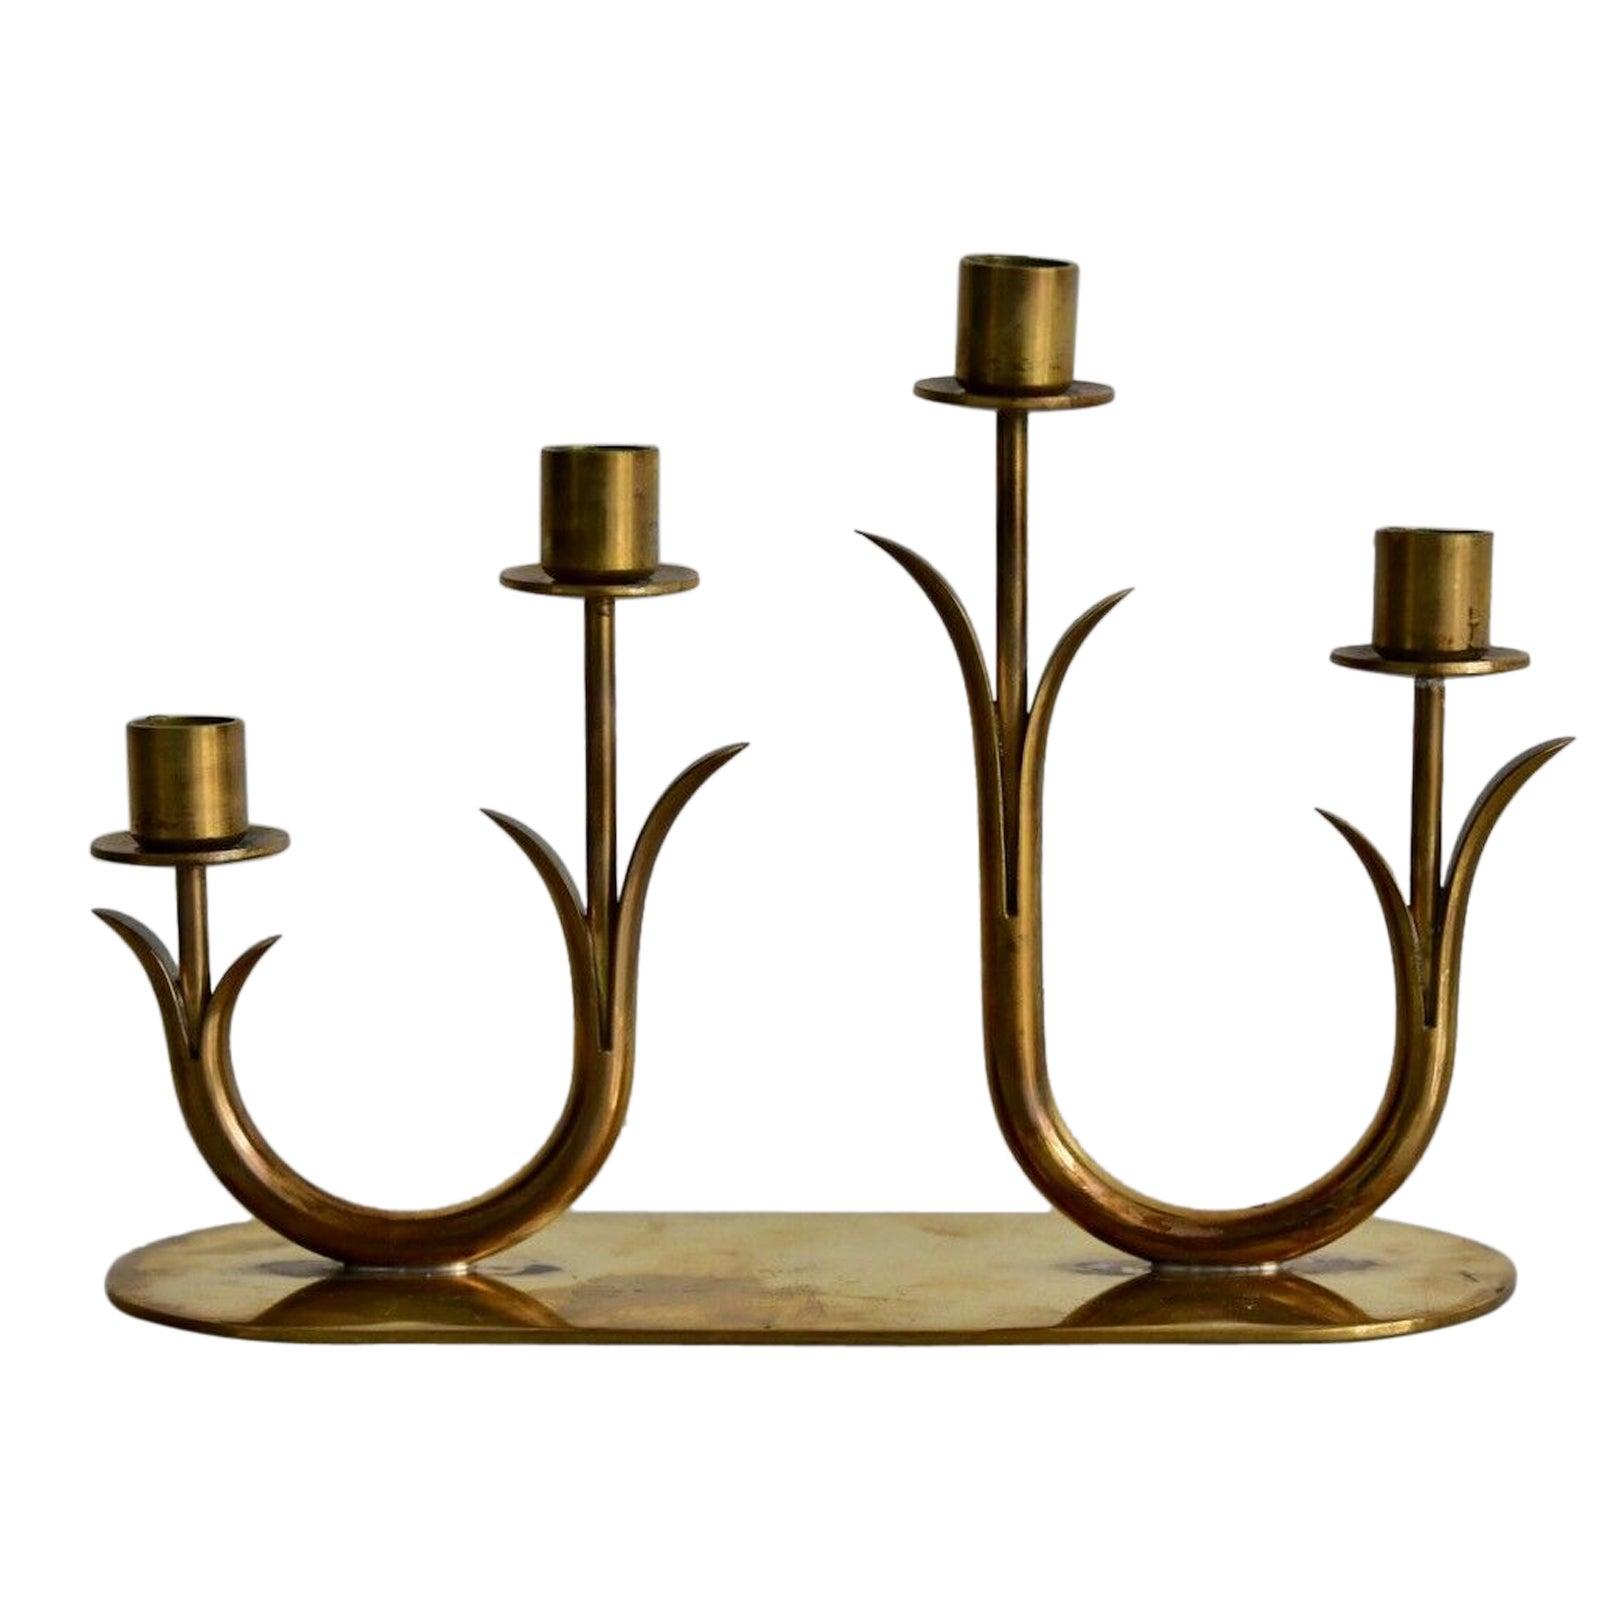 Gunnar Ander Brass Candleholder by Ystad Metall Sweden